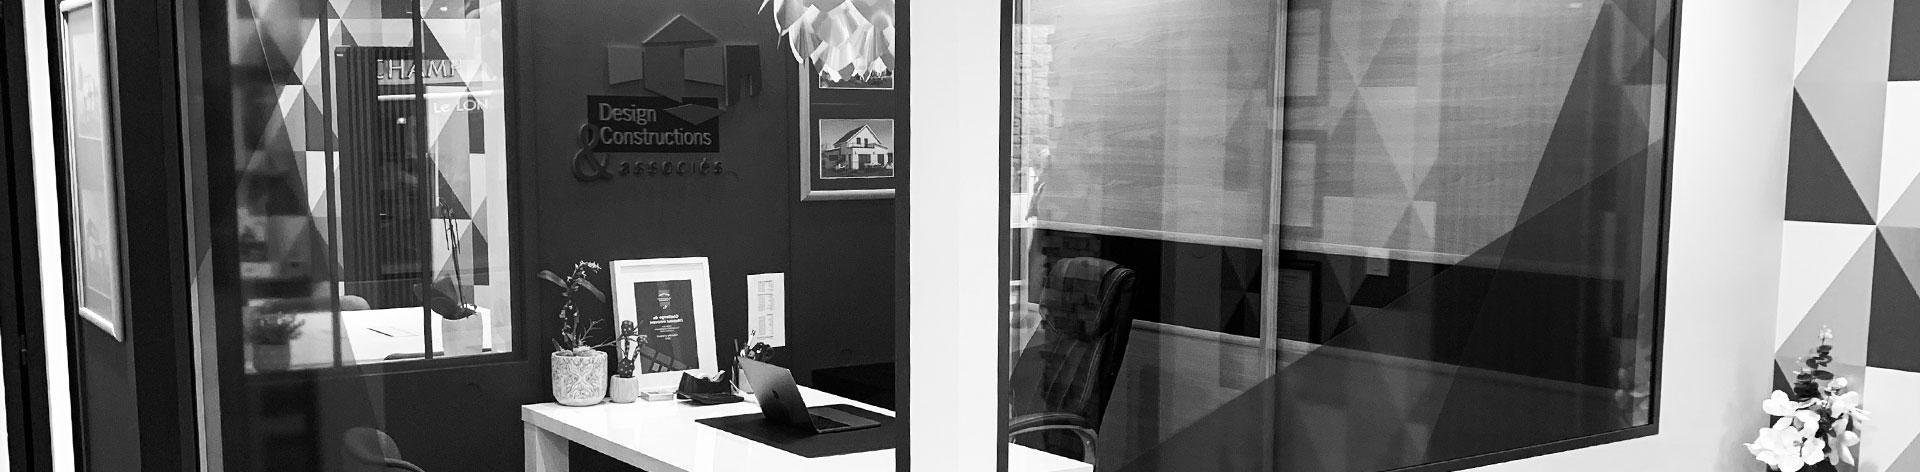 Agence Design Construction & Associés de AVRANCHES, constructeur de maison individuelle